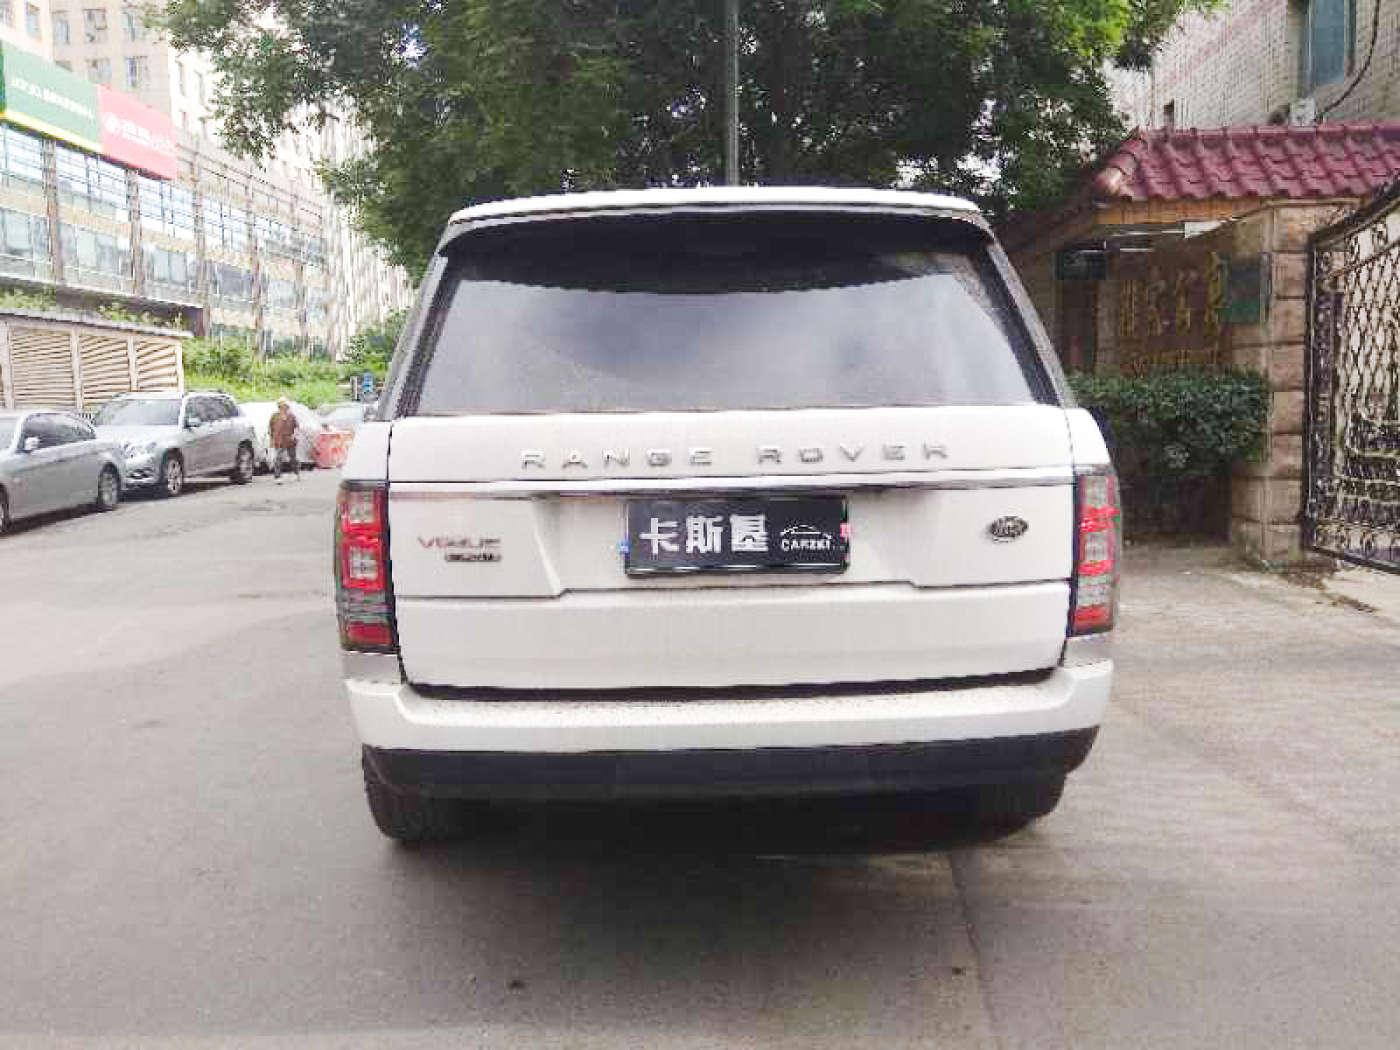 2016年06月 路虎 揽胜 2015款 3.0 V6 SC Vogue|甄选捷豹路虎-北京卡斯基汽车服务有限公司